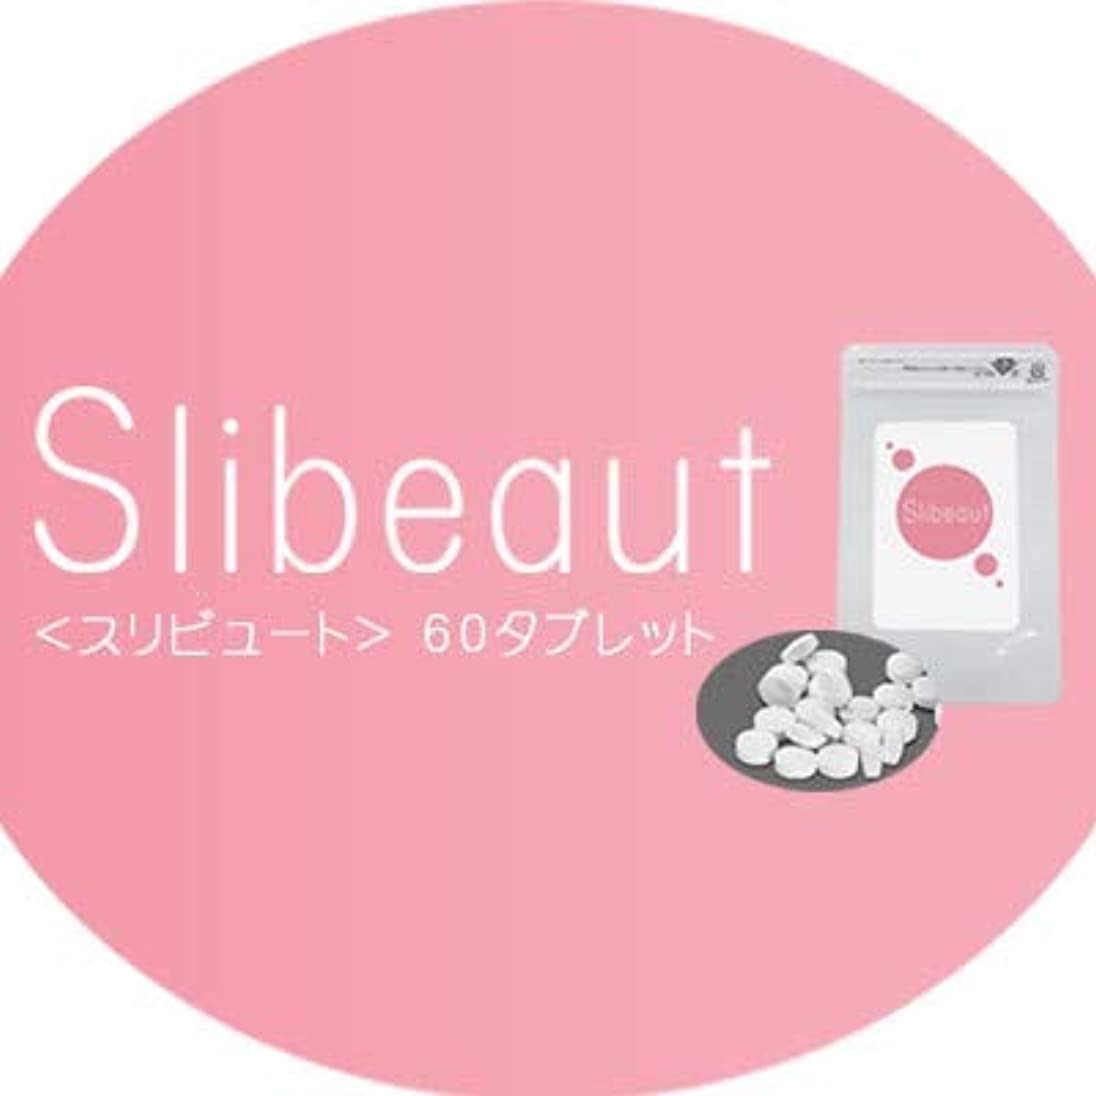 底シルク理論的Slibeaut(スリビュート)~ダイエットサポートサプリ~